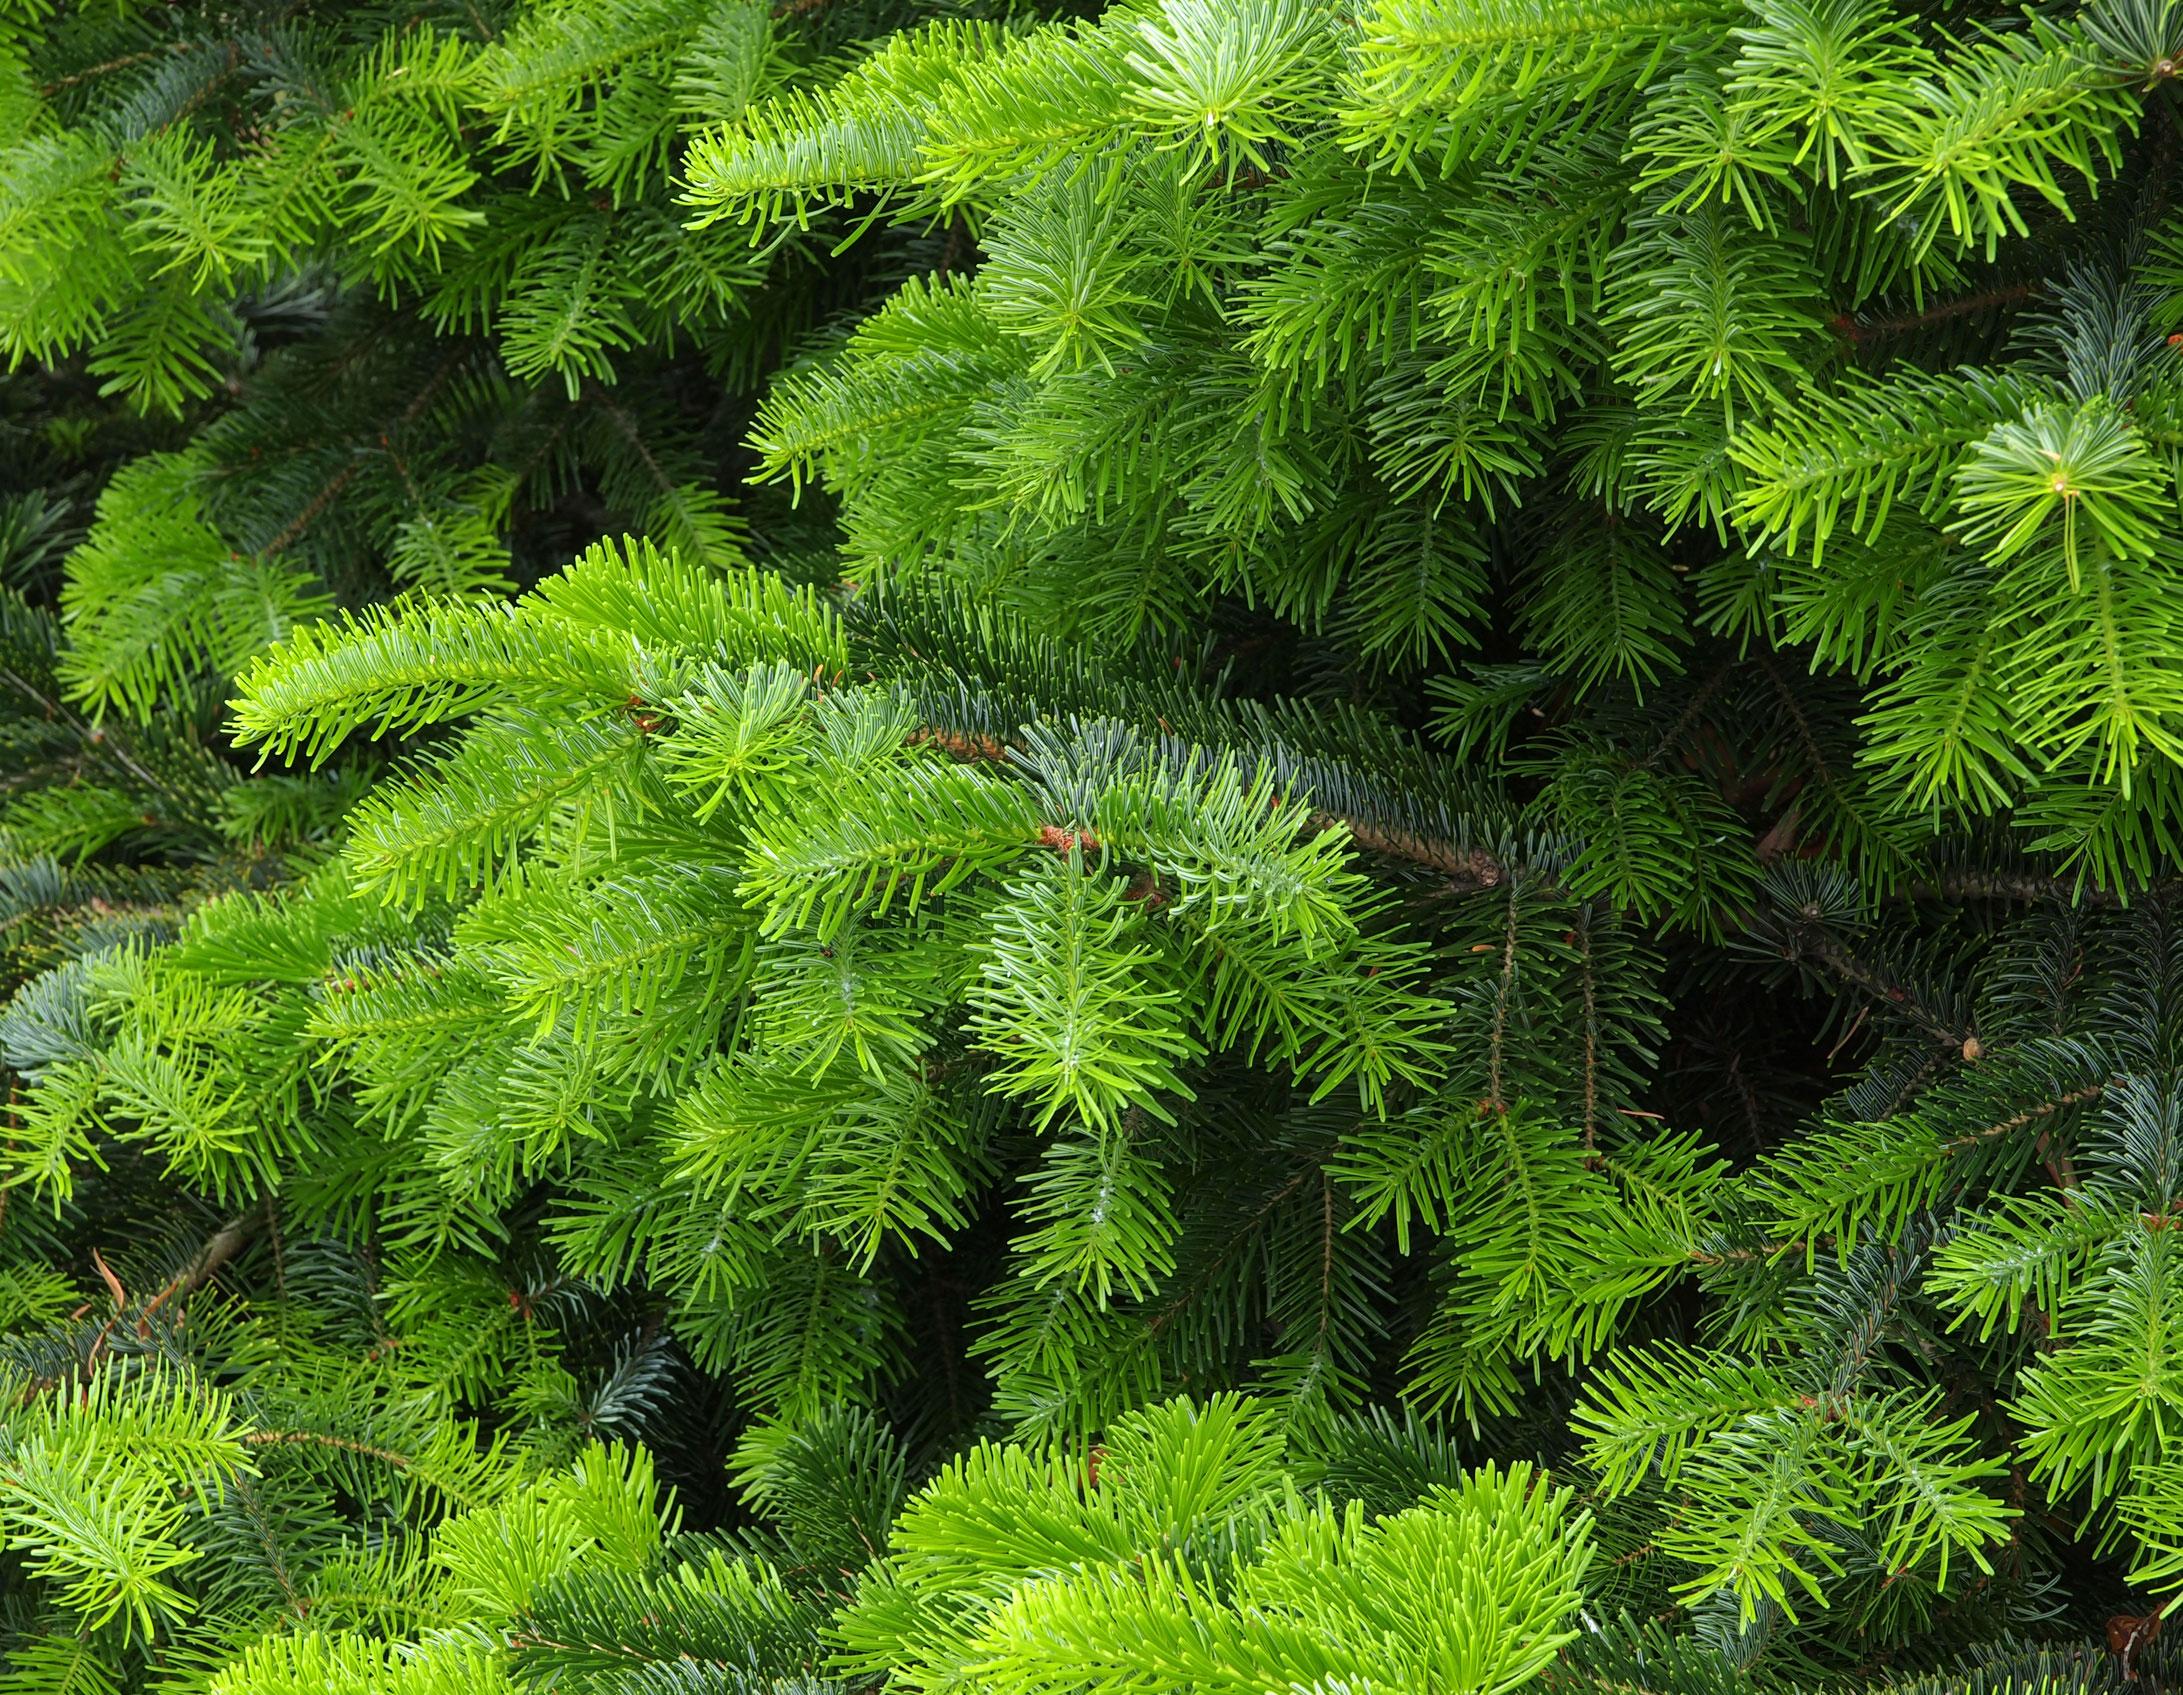 Weihnachtsbaum Kaufen Pforzheim.Bioweihnachtsbaum De Bio Weihnachtsbäume Aus ökologischem Landbau